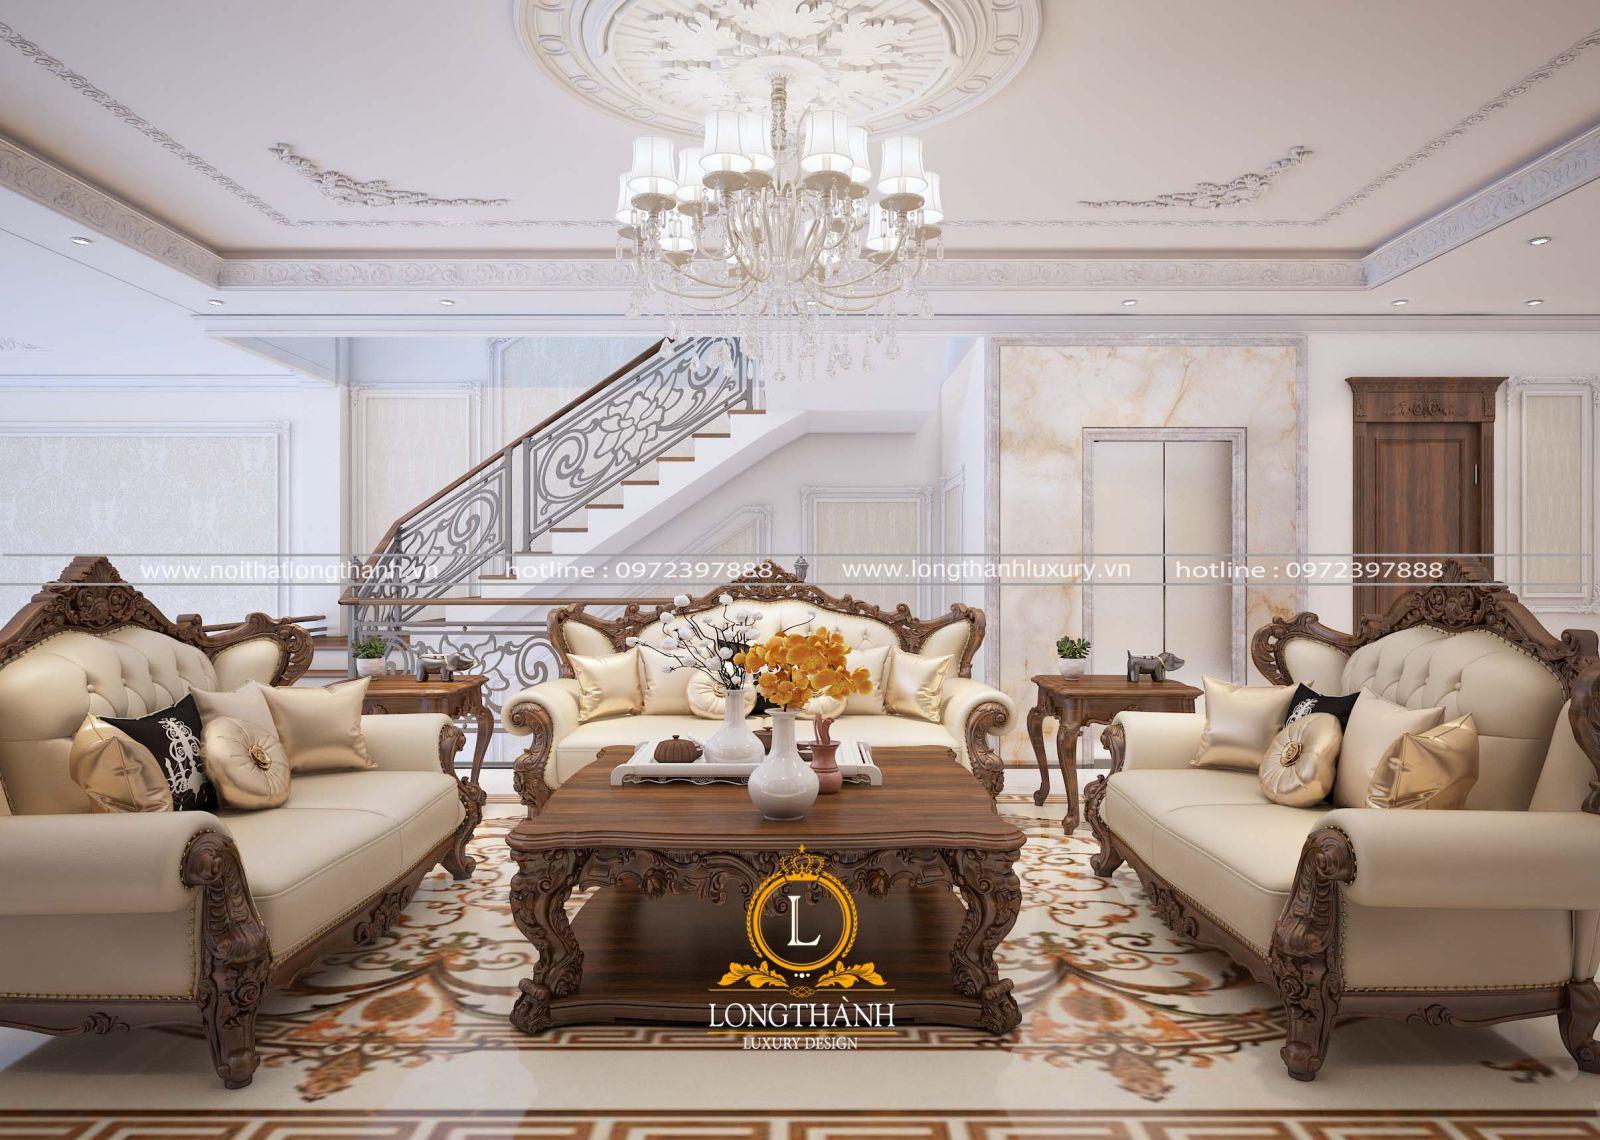 Thiết kế nội thất nhà phố diện tích nhỏ đẹp mê hoặc